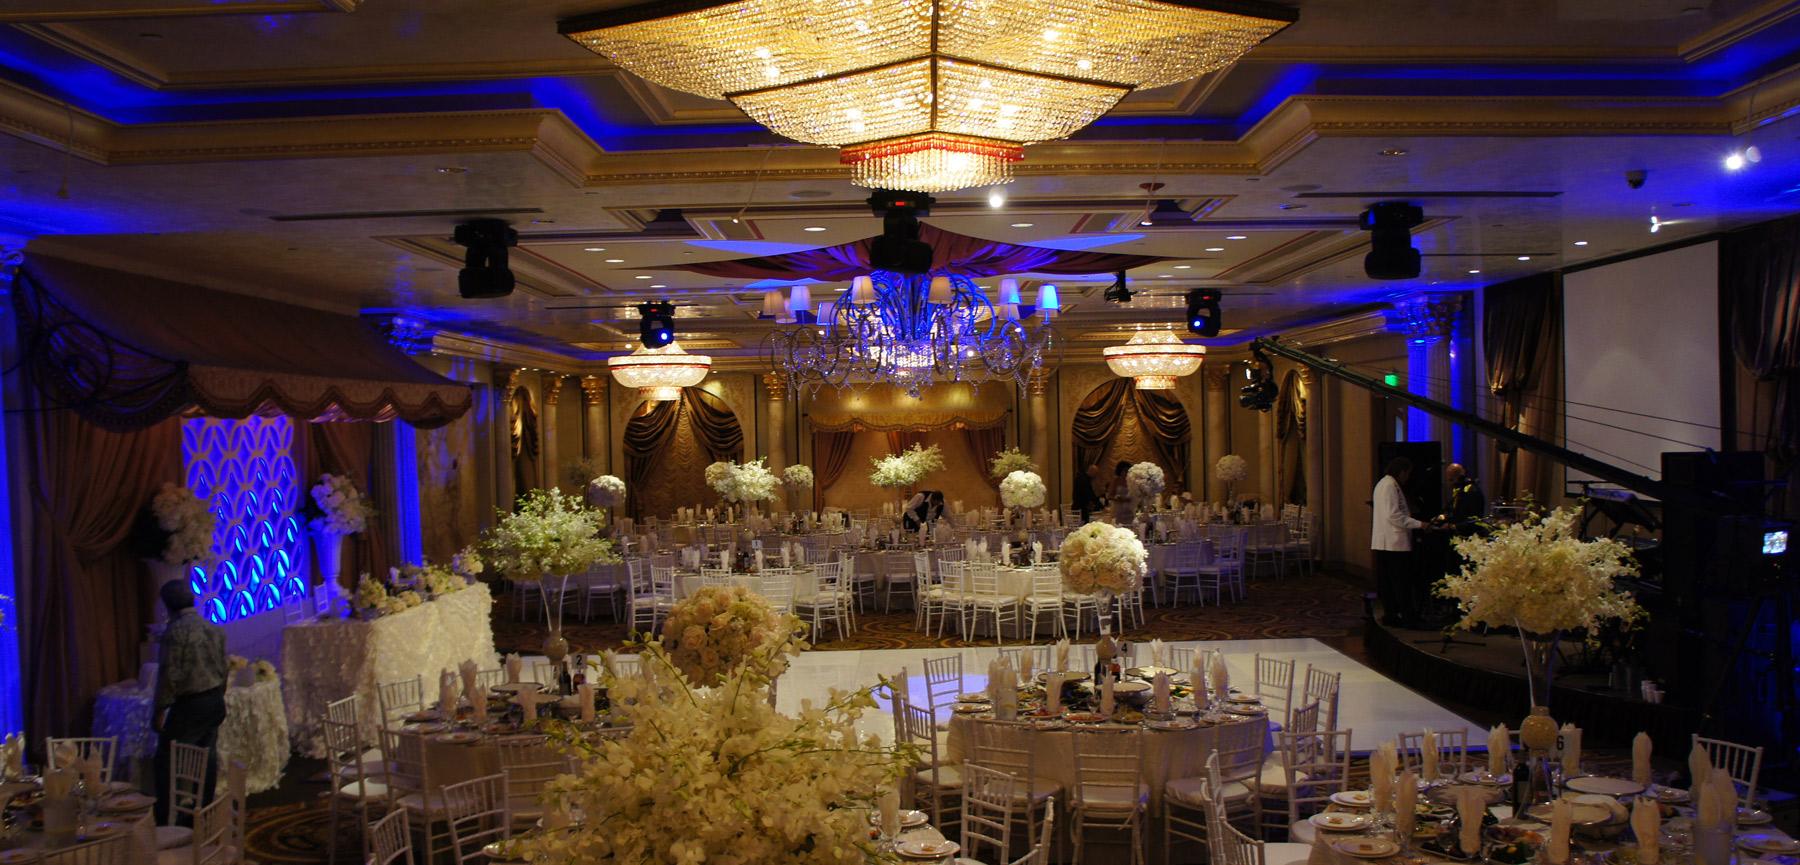 The De Luxe Ballroom